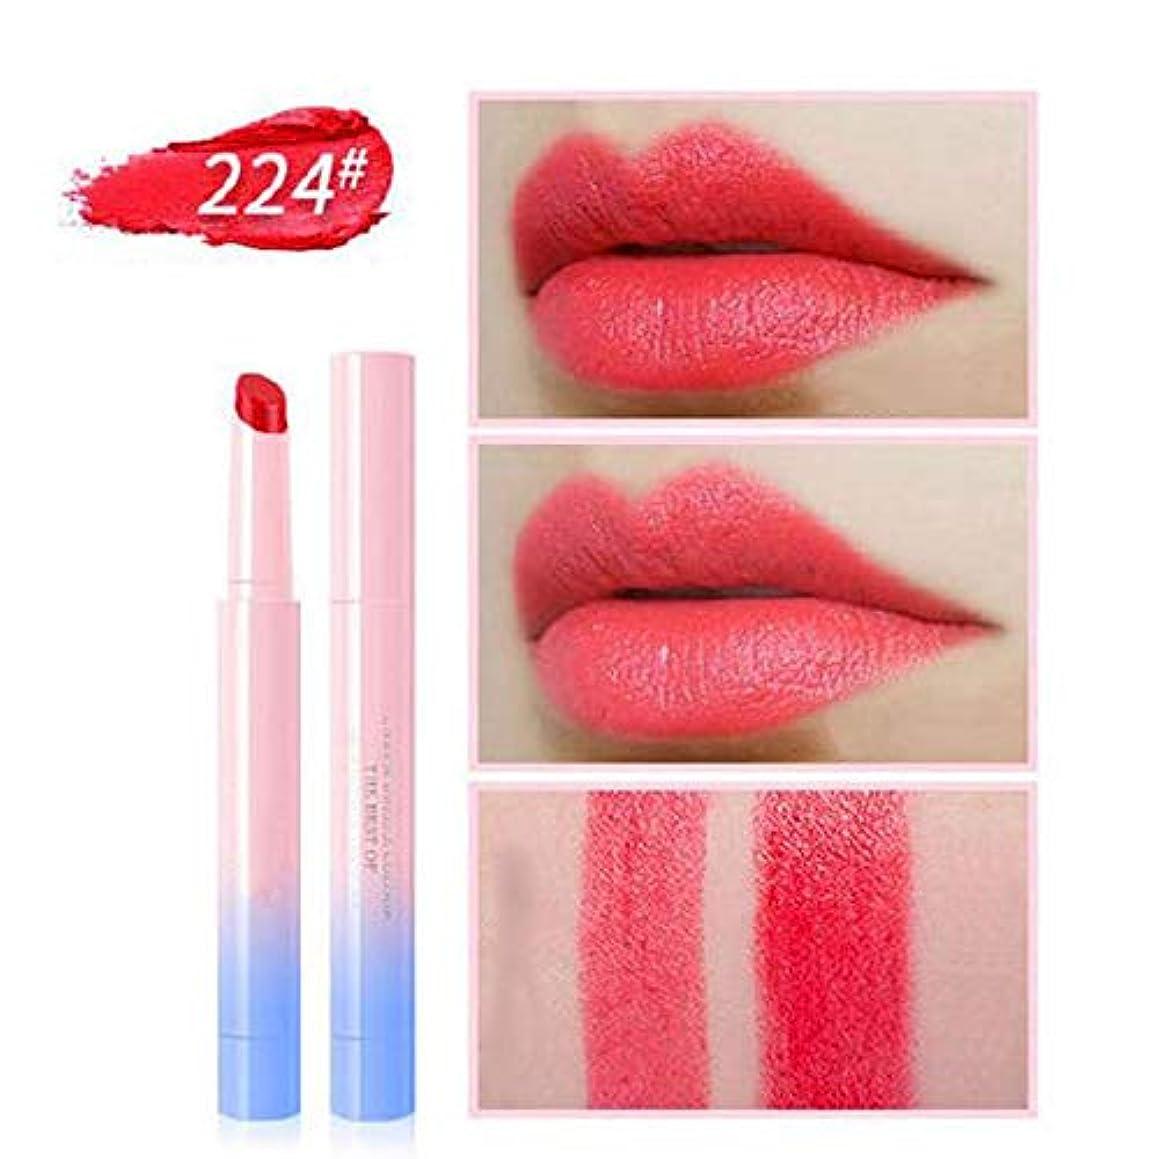 伝導率前置詞後退するFGUL口紅リップグロスファッションマルチカラー女性保湿ビロードの口紅